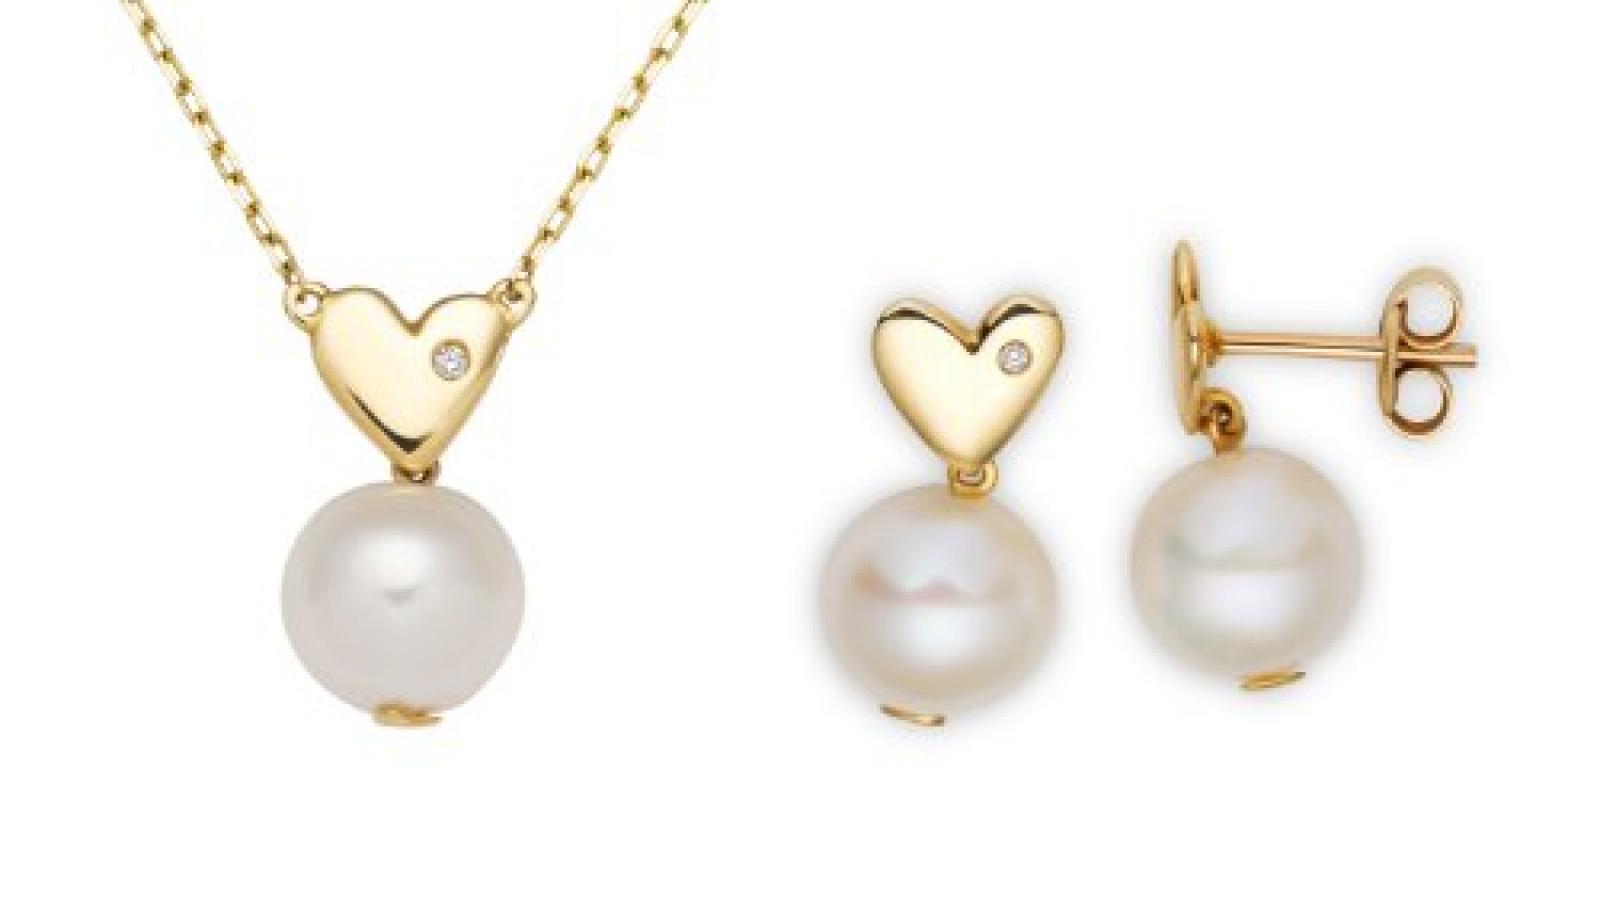 Miore Damen-Set: Halskette + Ohrringe Süßwasser-Zuchtperlen und Diamant 18 Karat (750) Gelbgold MSET002